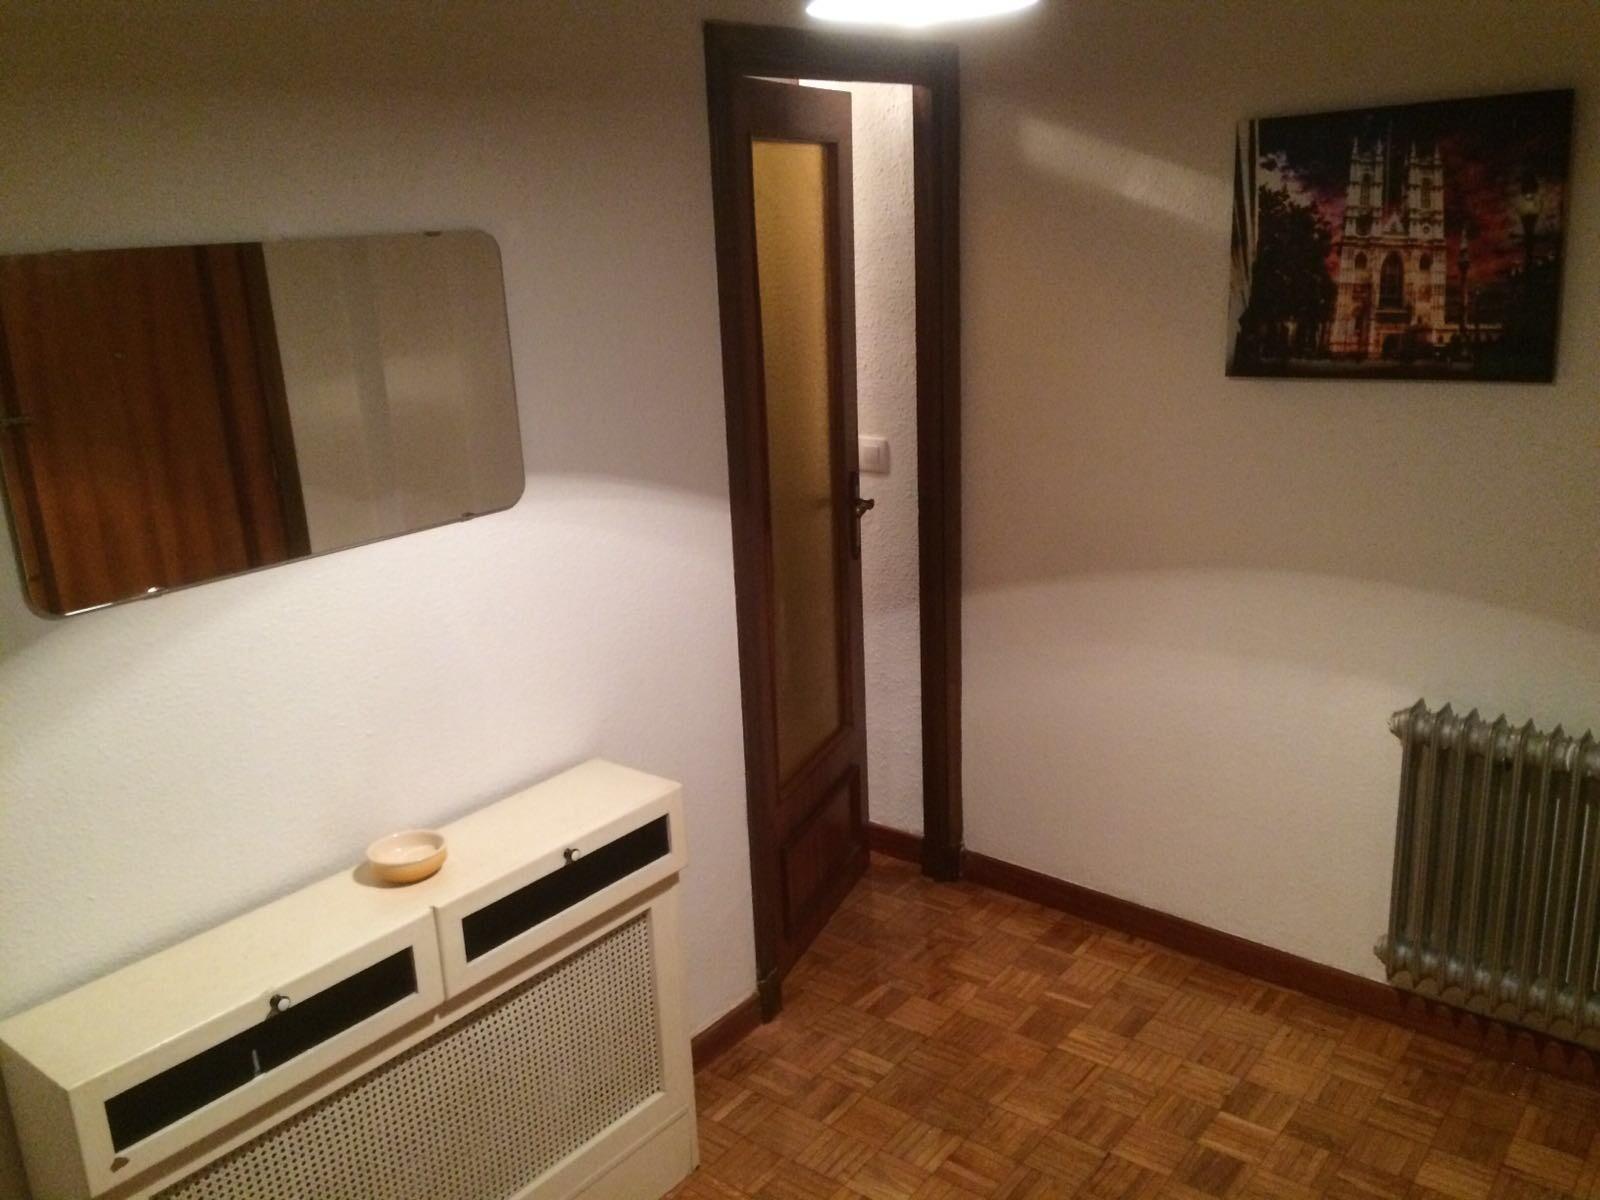 Pintar el suelo de la cocina with pintar el suelo de la - Pintar suelo cocina ...